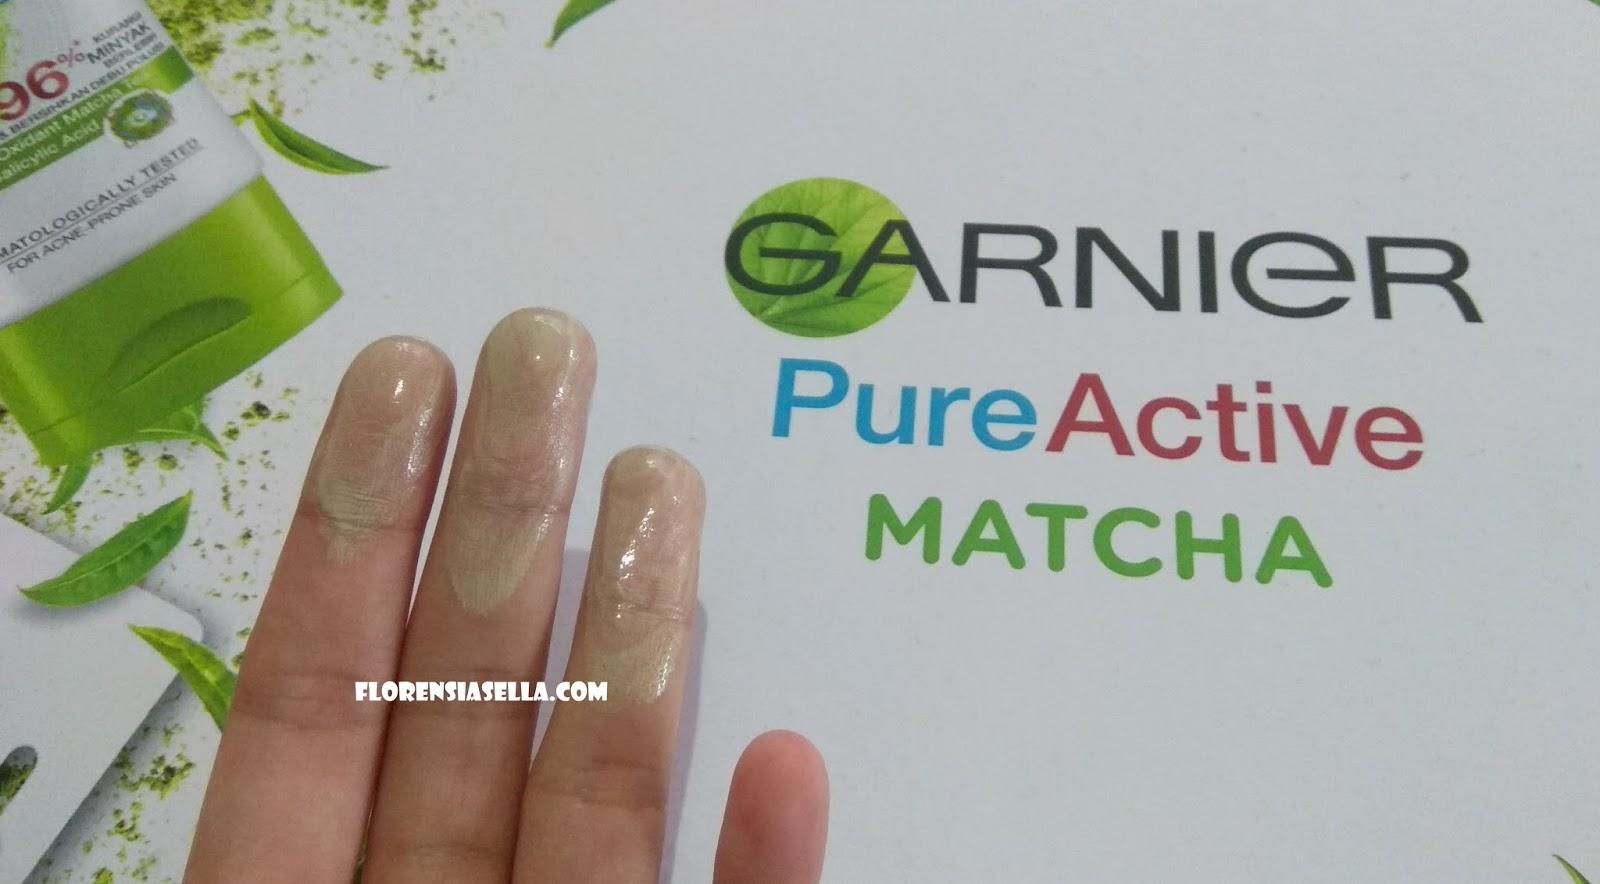 Garnier Pure Active Matcha Set Foam Masker Clay Daftar Harga Deep Clean 50ml Ini Adalah Tekstur Setelah Blackhead Pore Purifying Mask